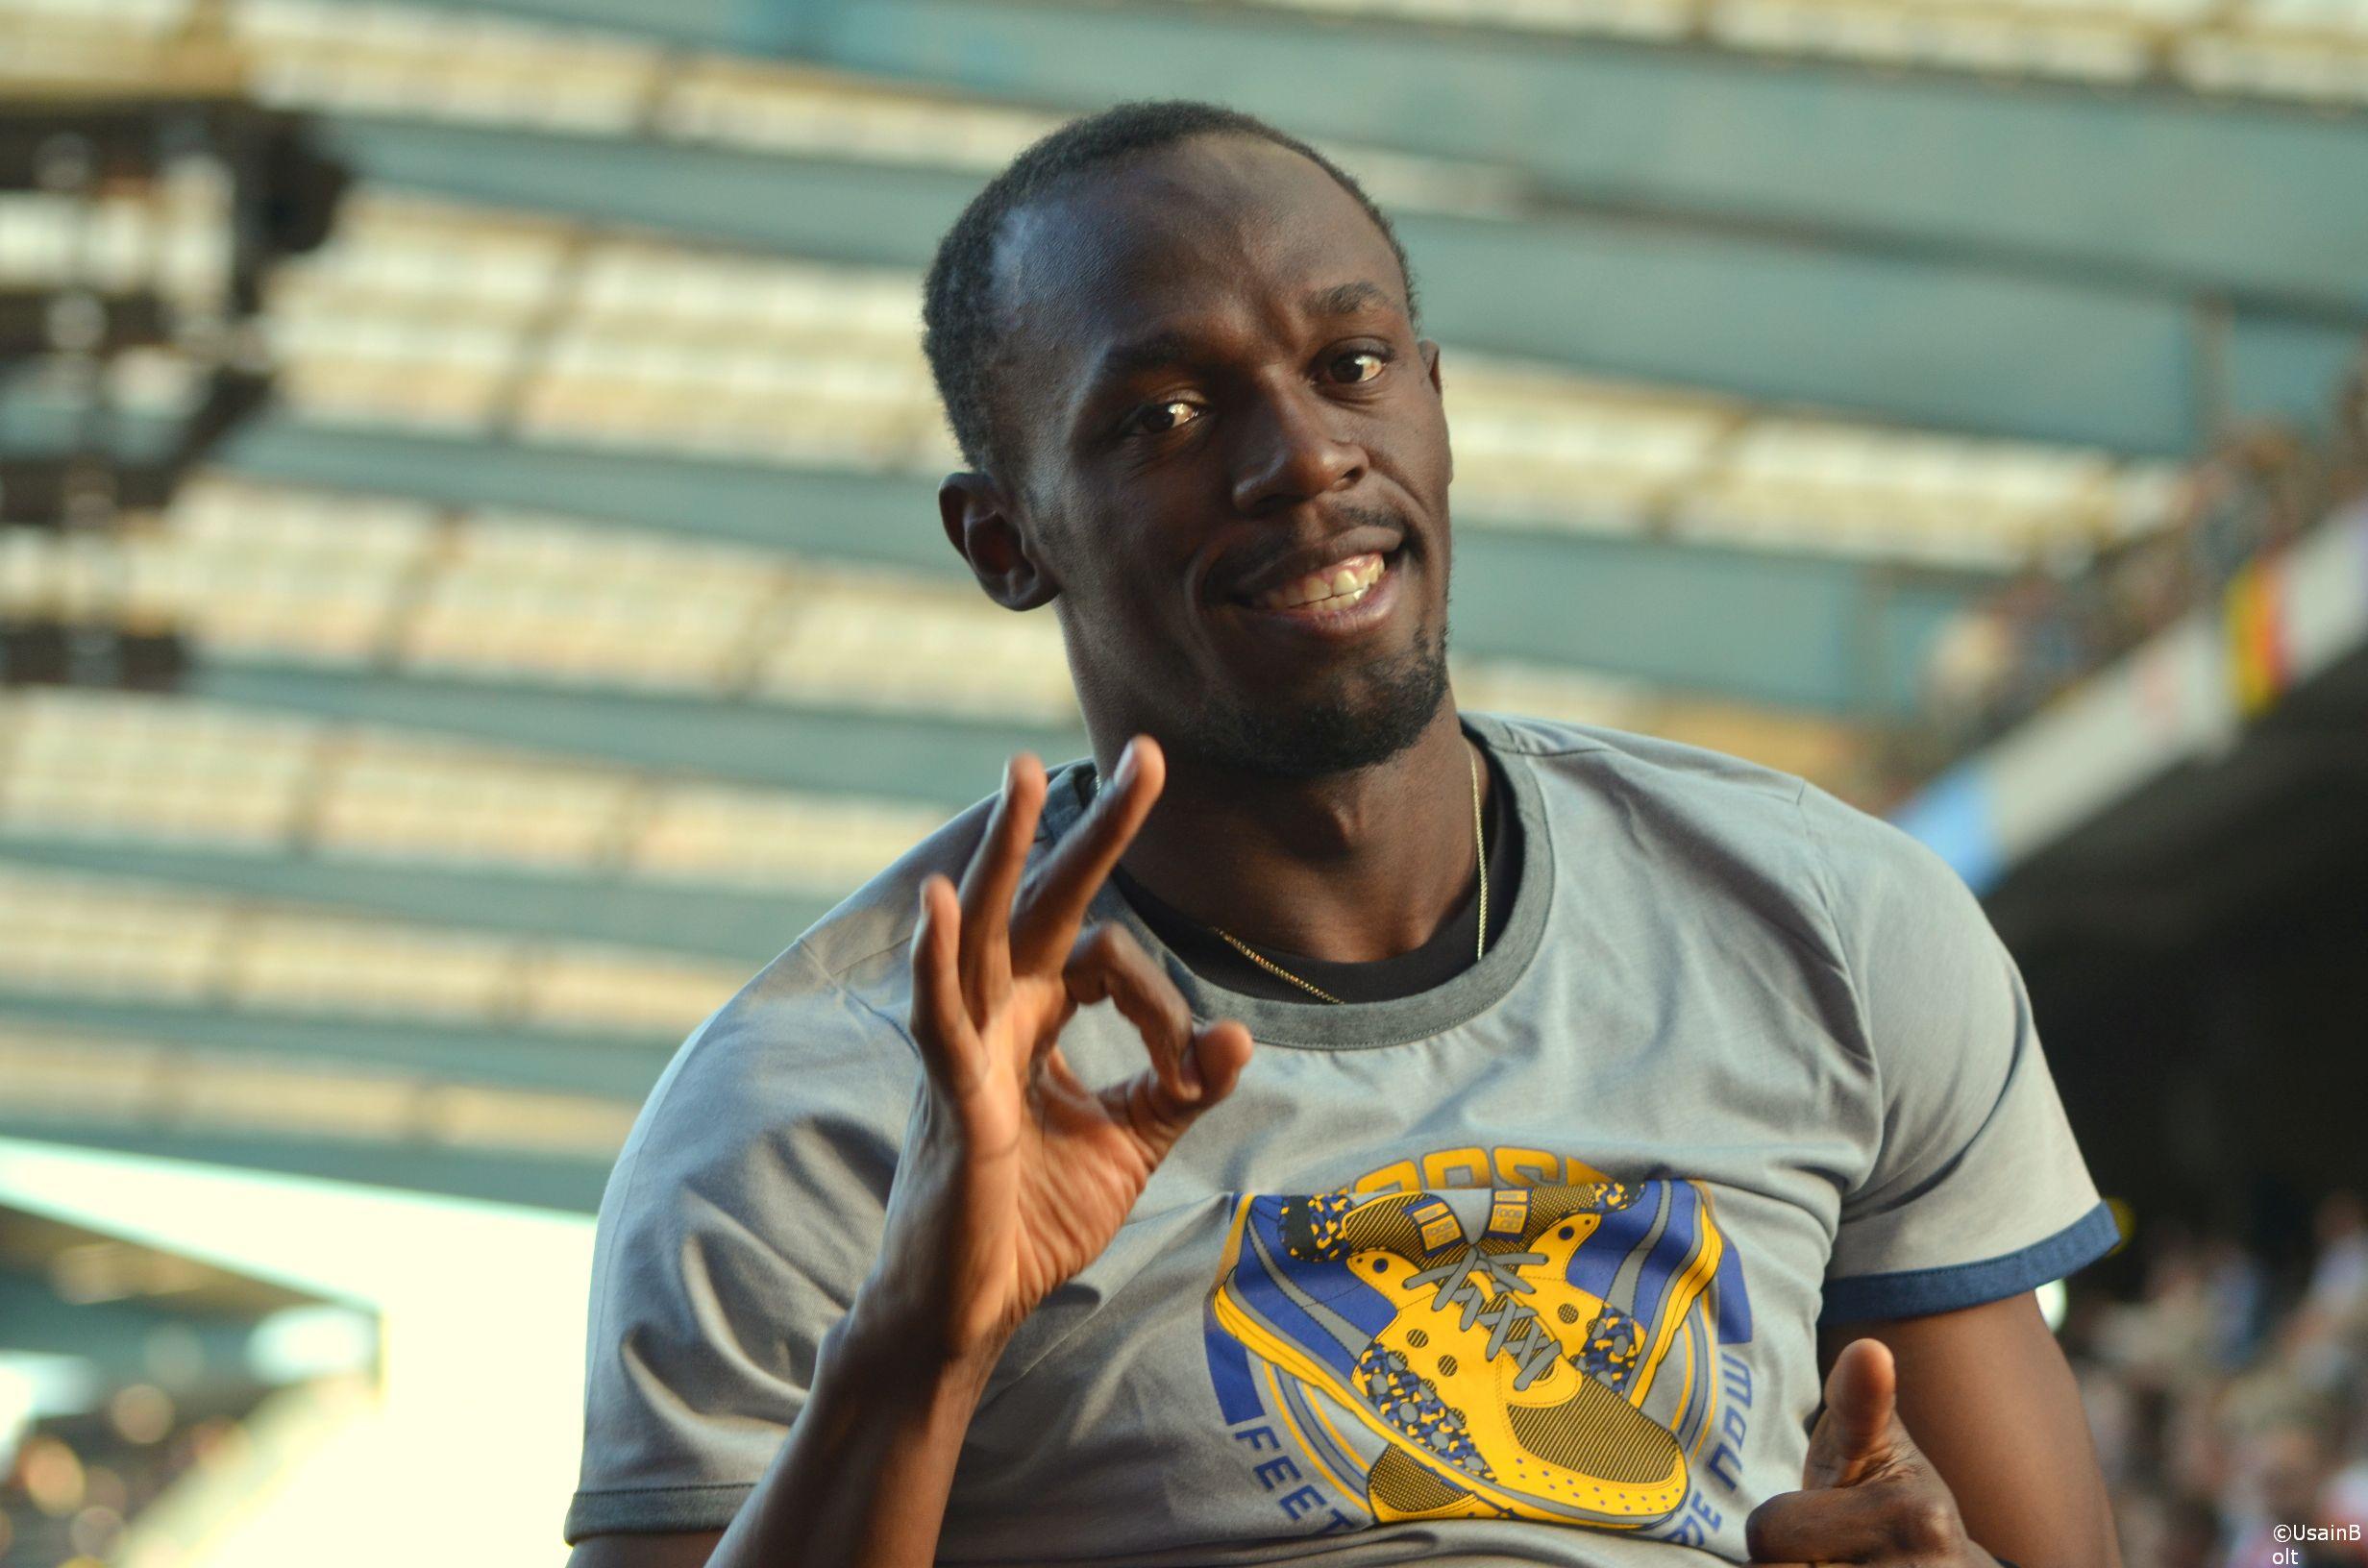 Usain Bolt announced for Brussels MVD on 6th September